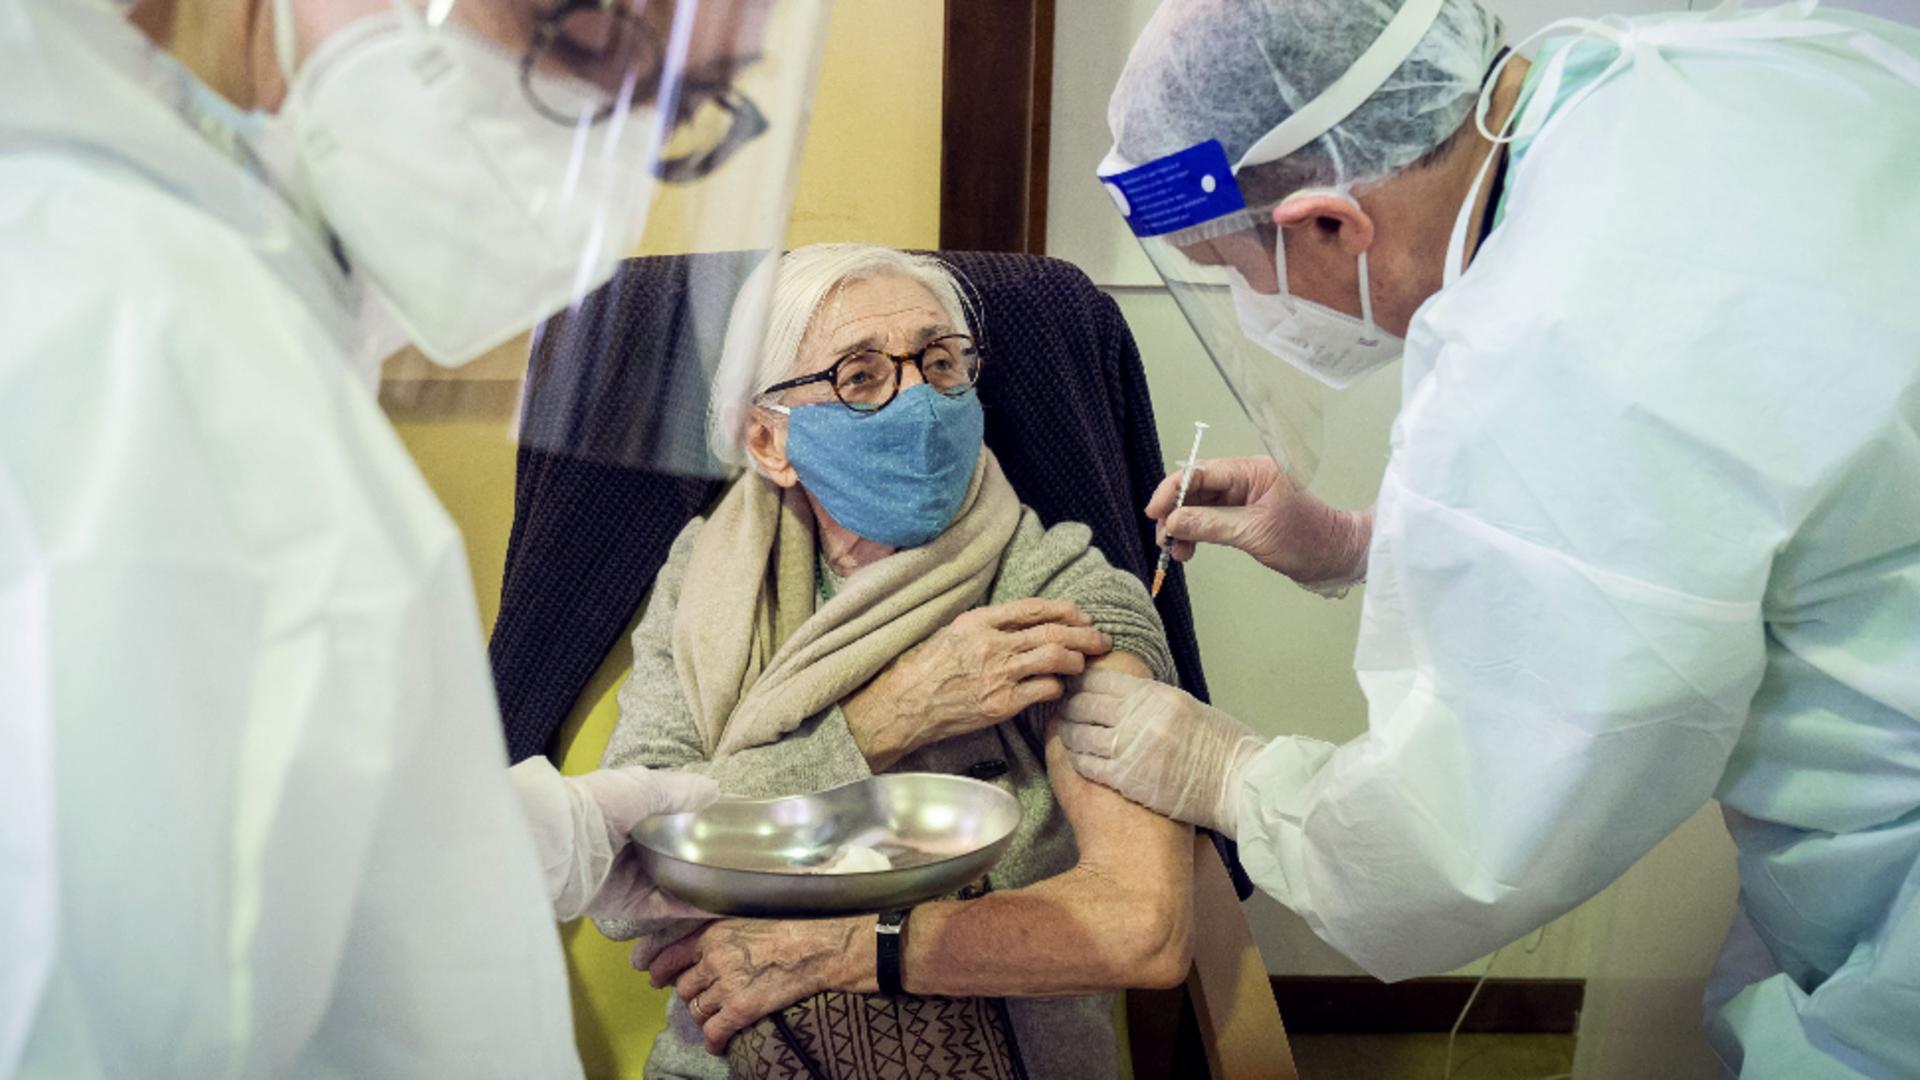 Studiu despre anticorpii dezvoltați de persoanele vârstnice după vaccinare